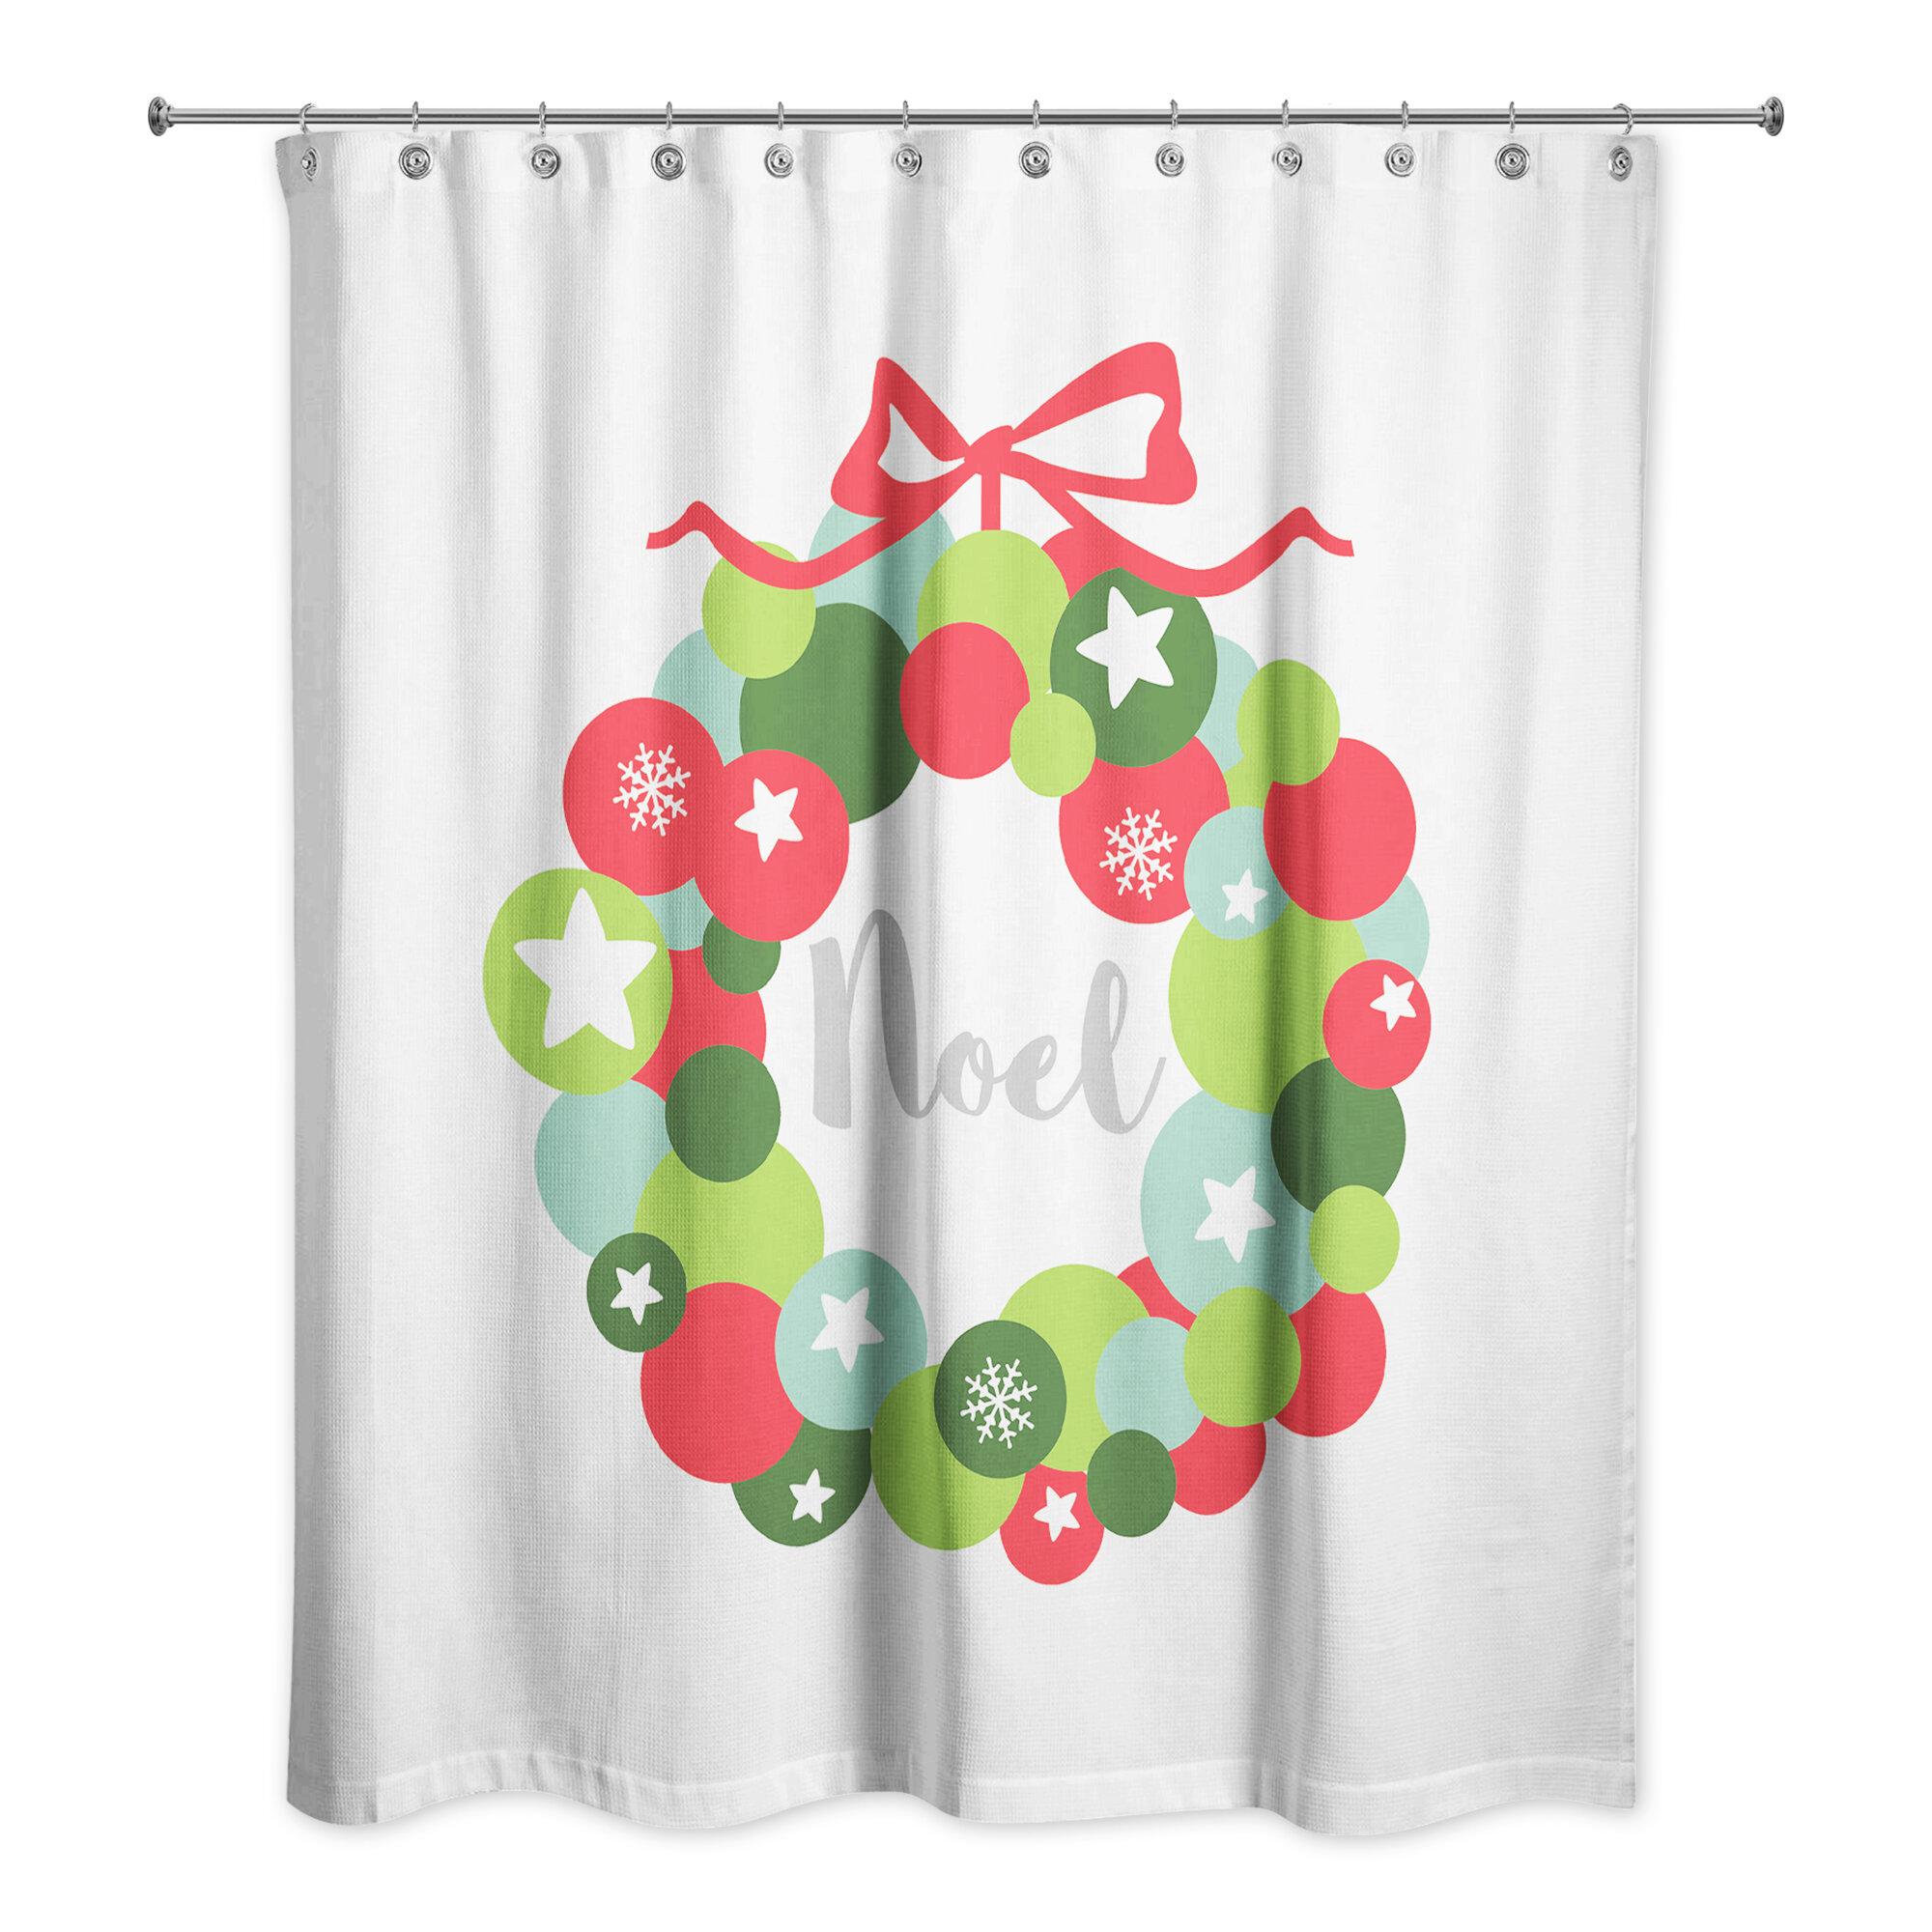 The Holiday Aisle Defreitas Noel Ornament Wreath Single Shower Curtain Wayfair